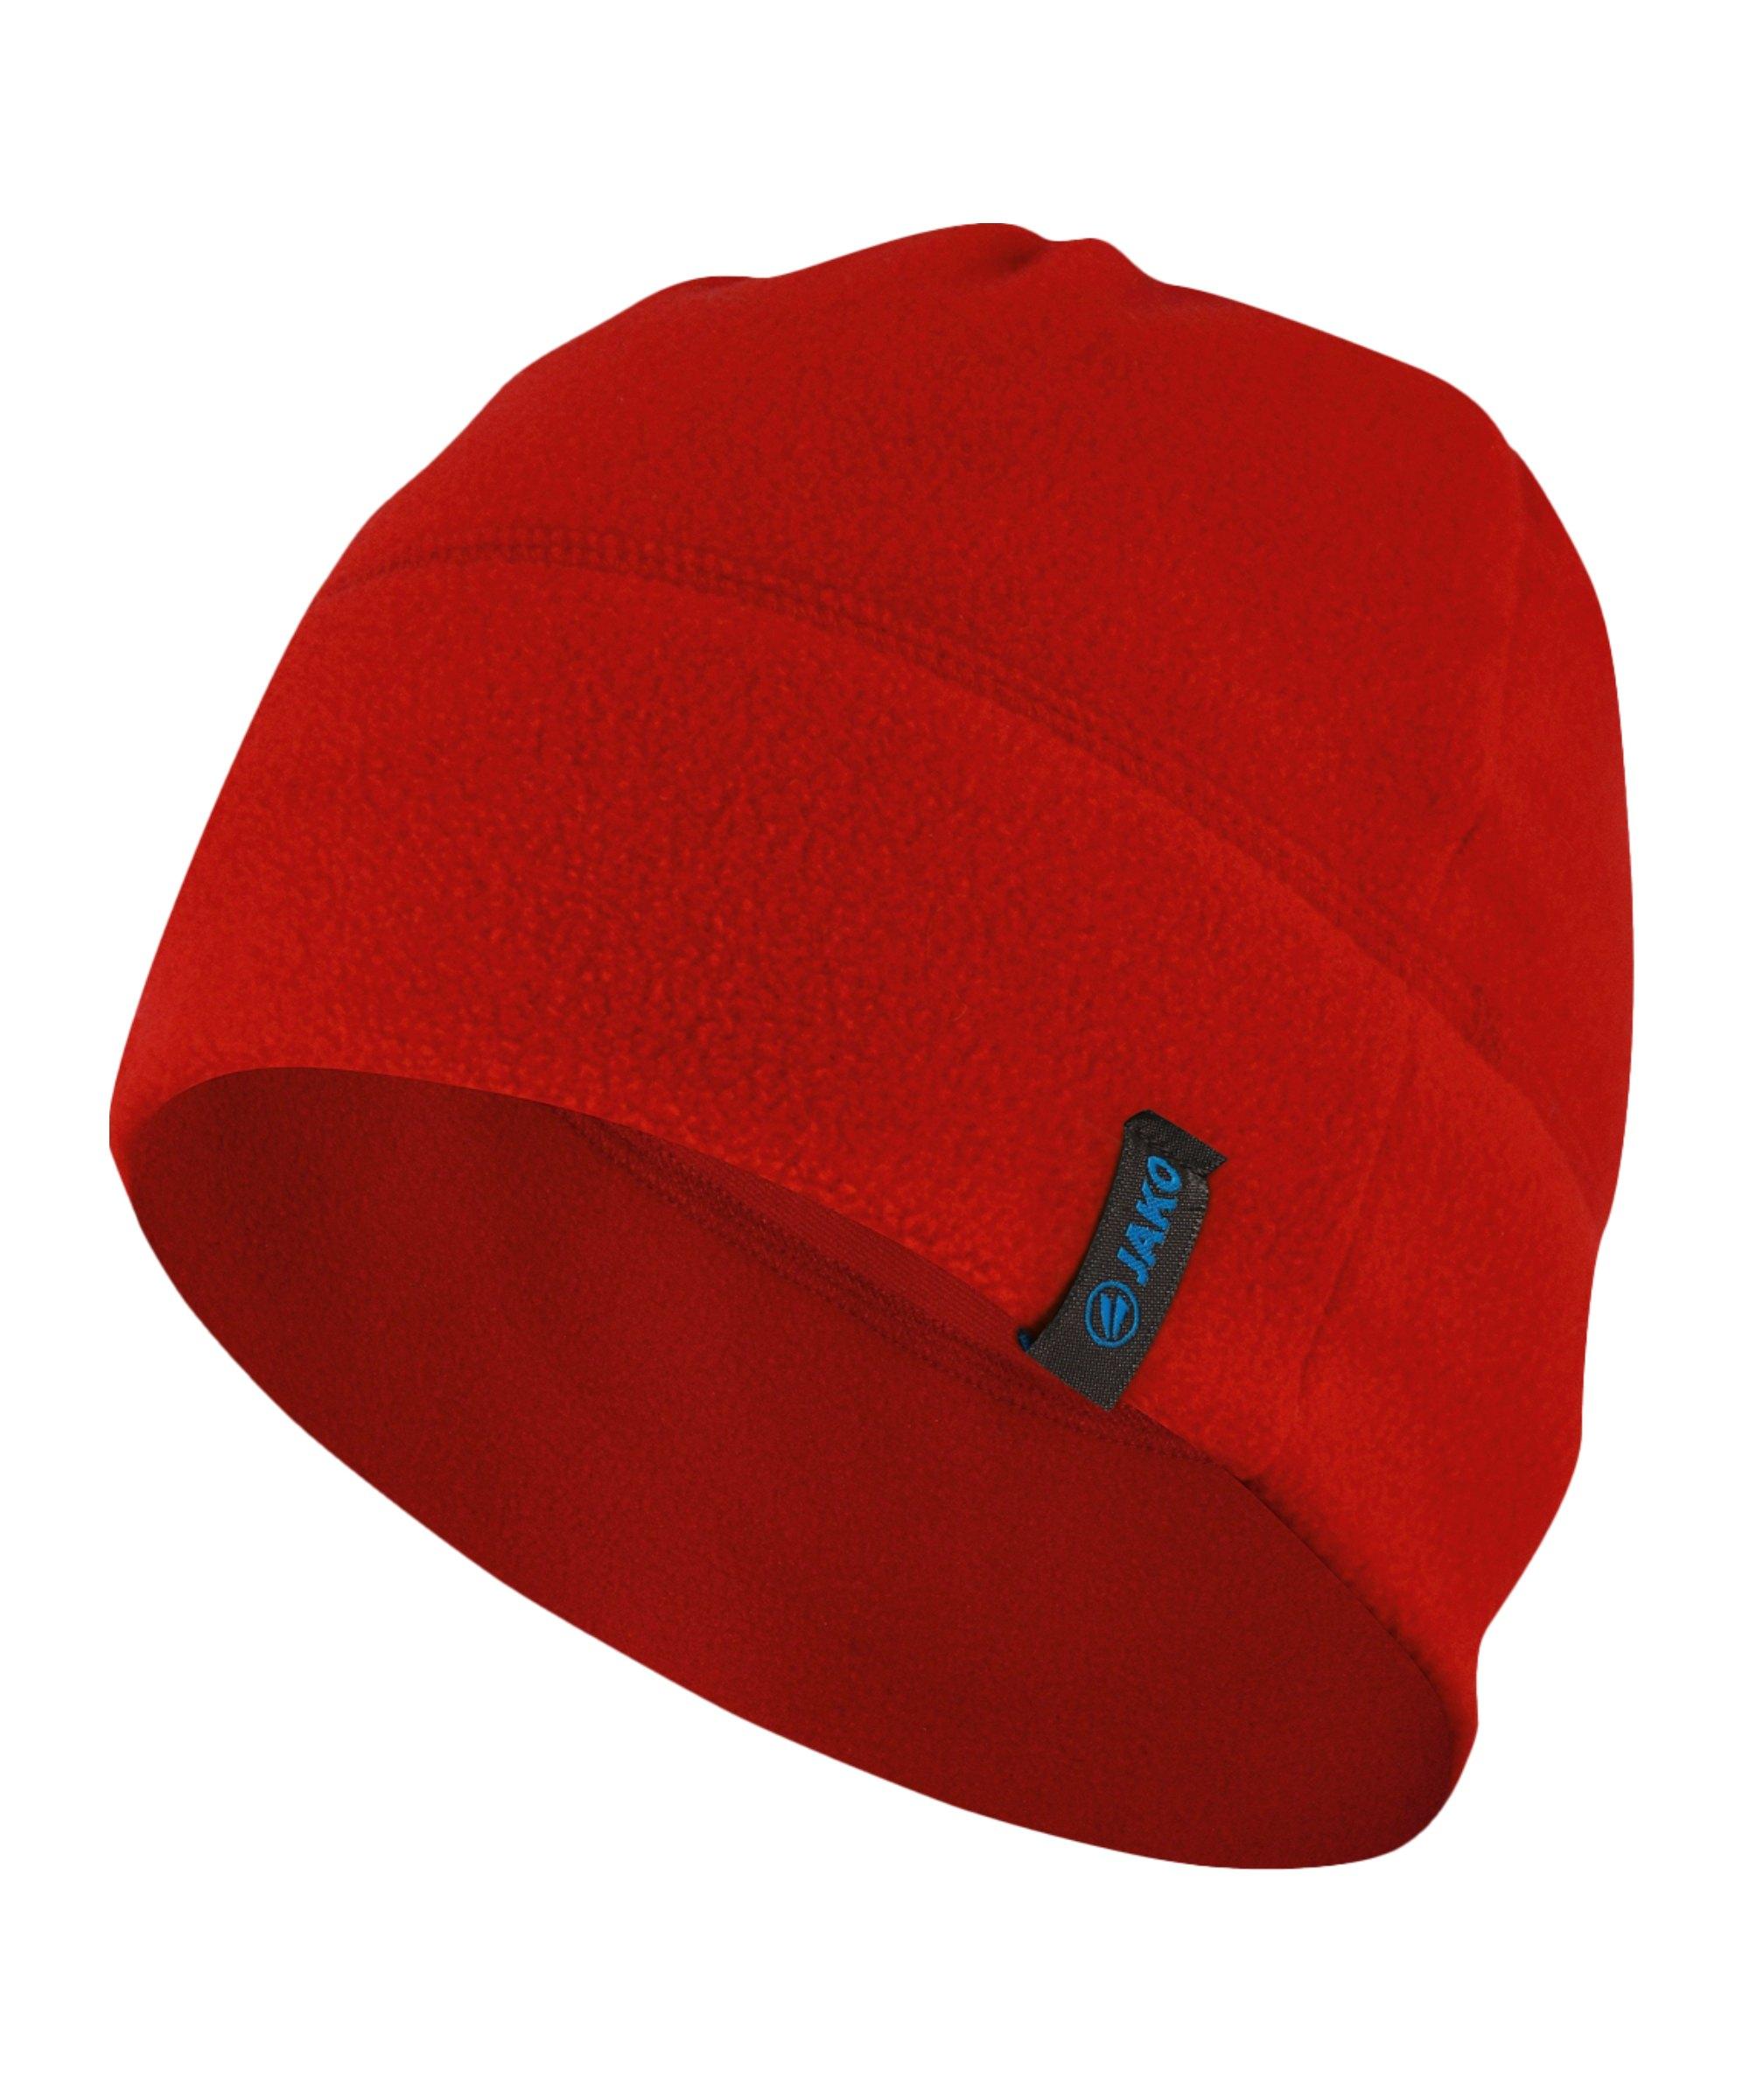 Jako Fleecemütze Rot F01 - rot